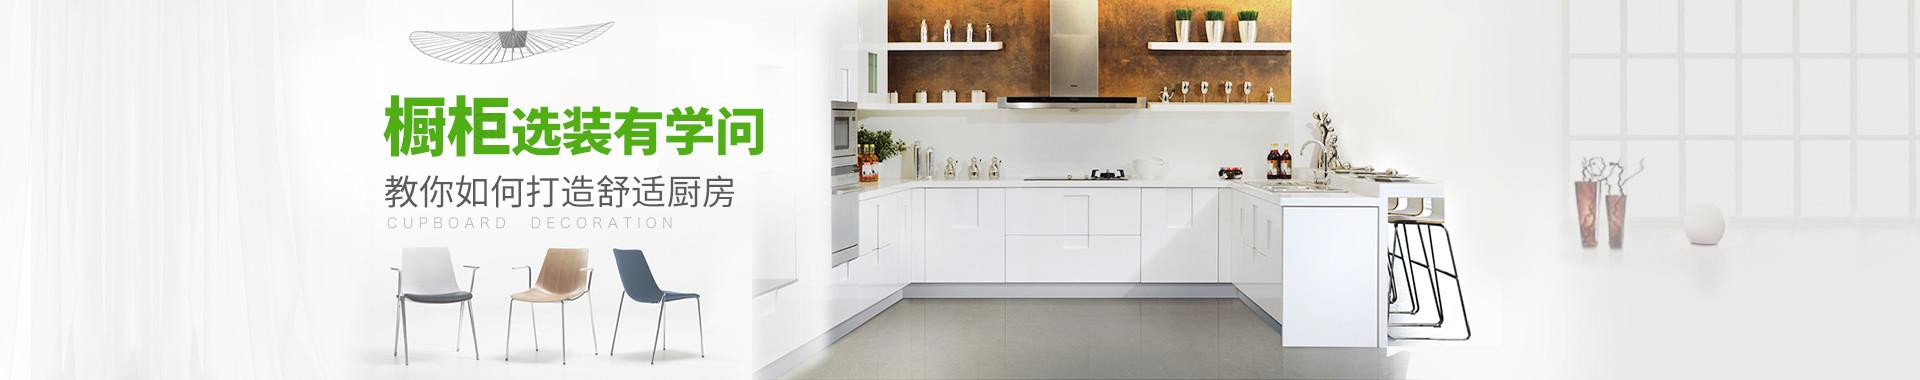 橱柜选装有学问,打造舒适厨房